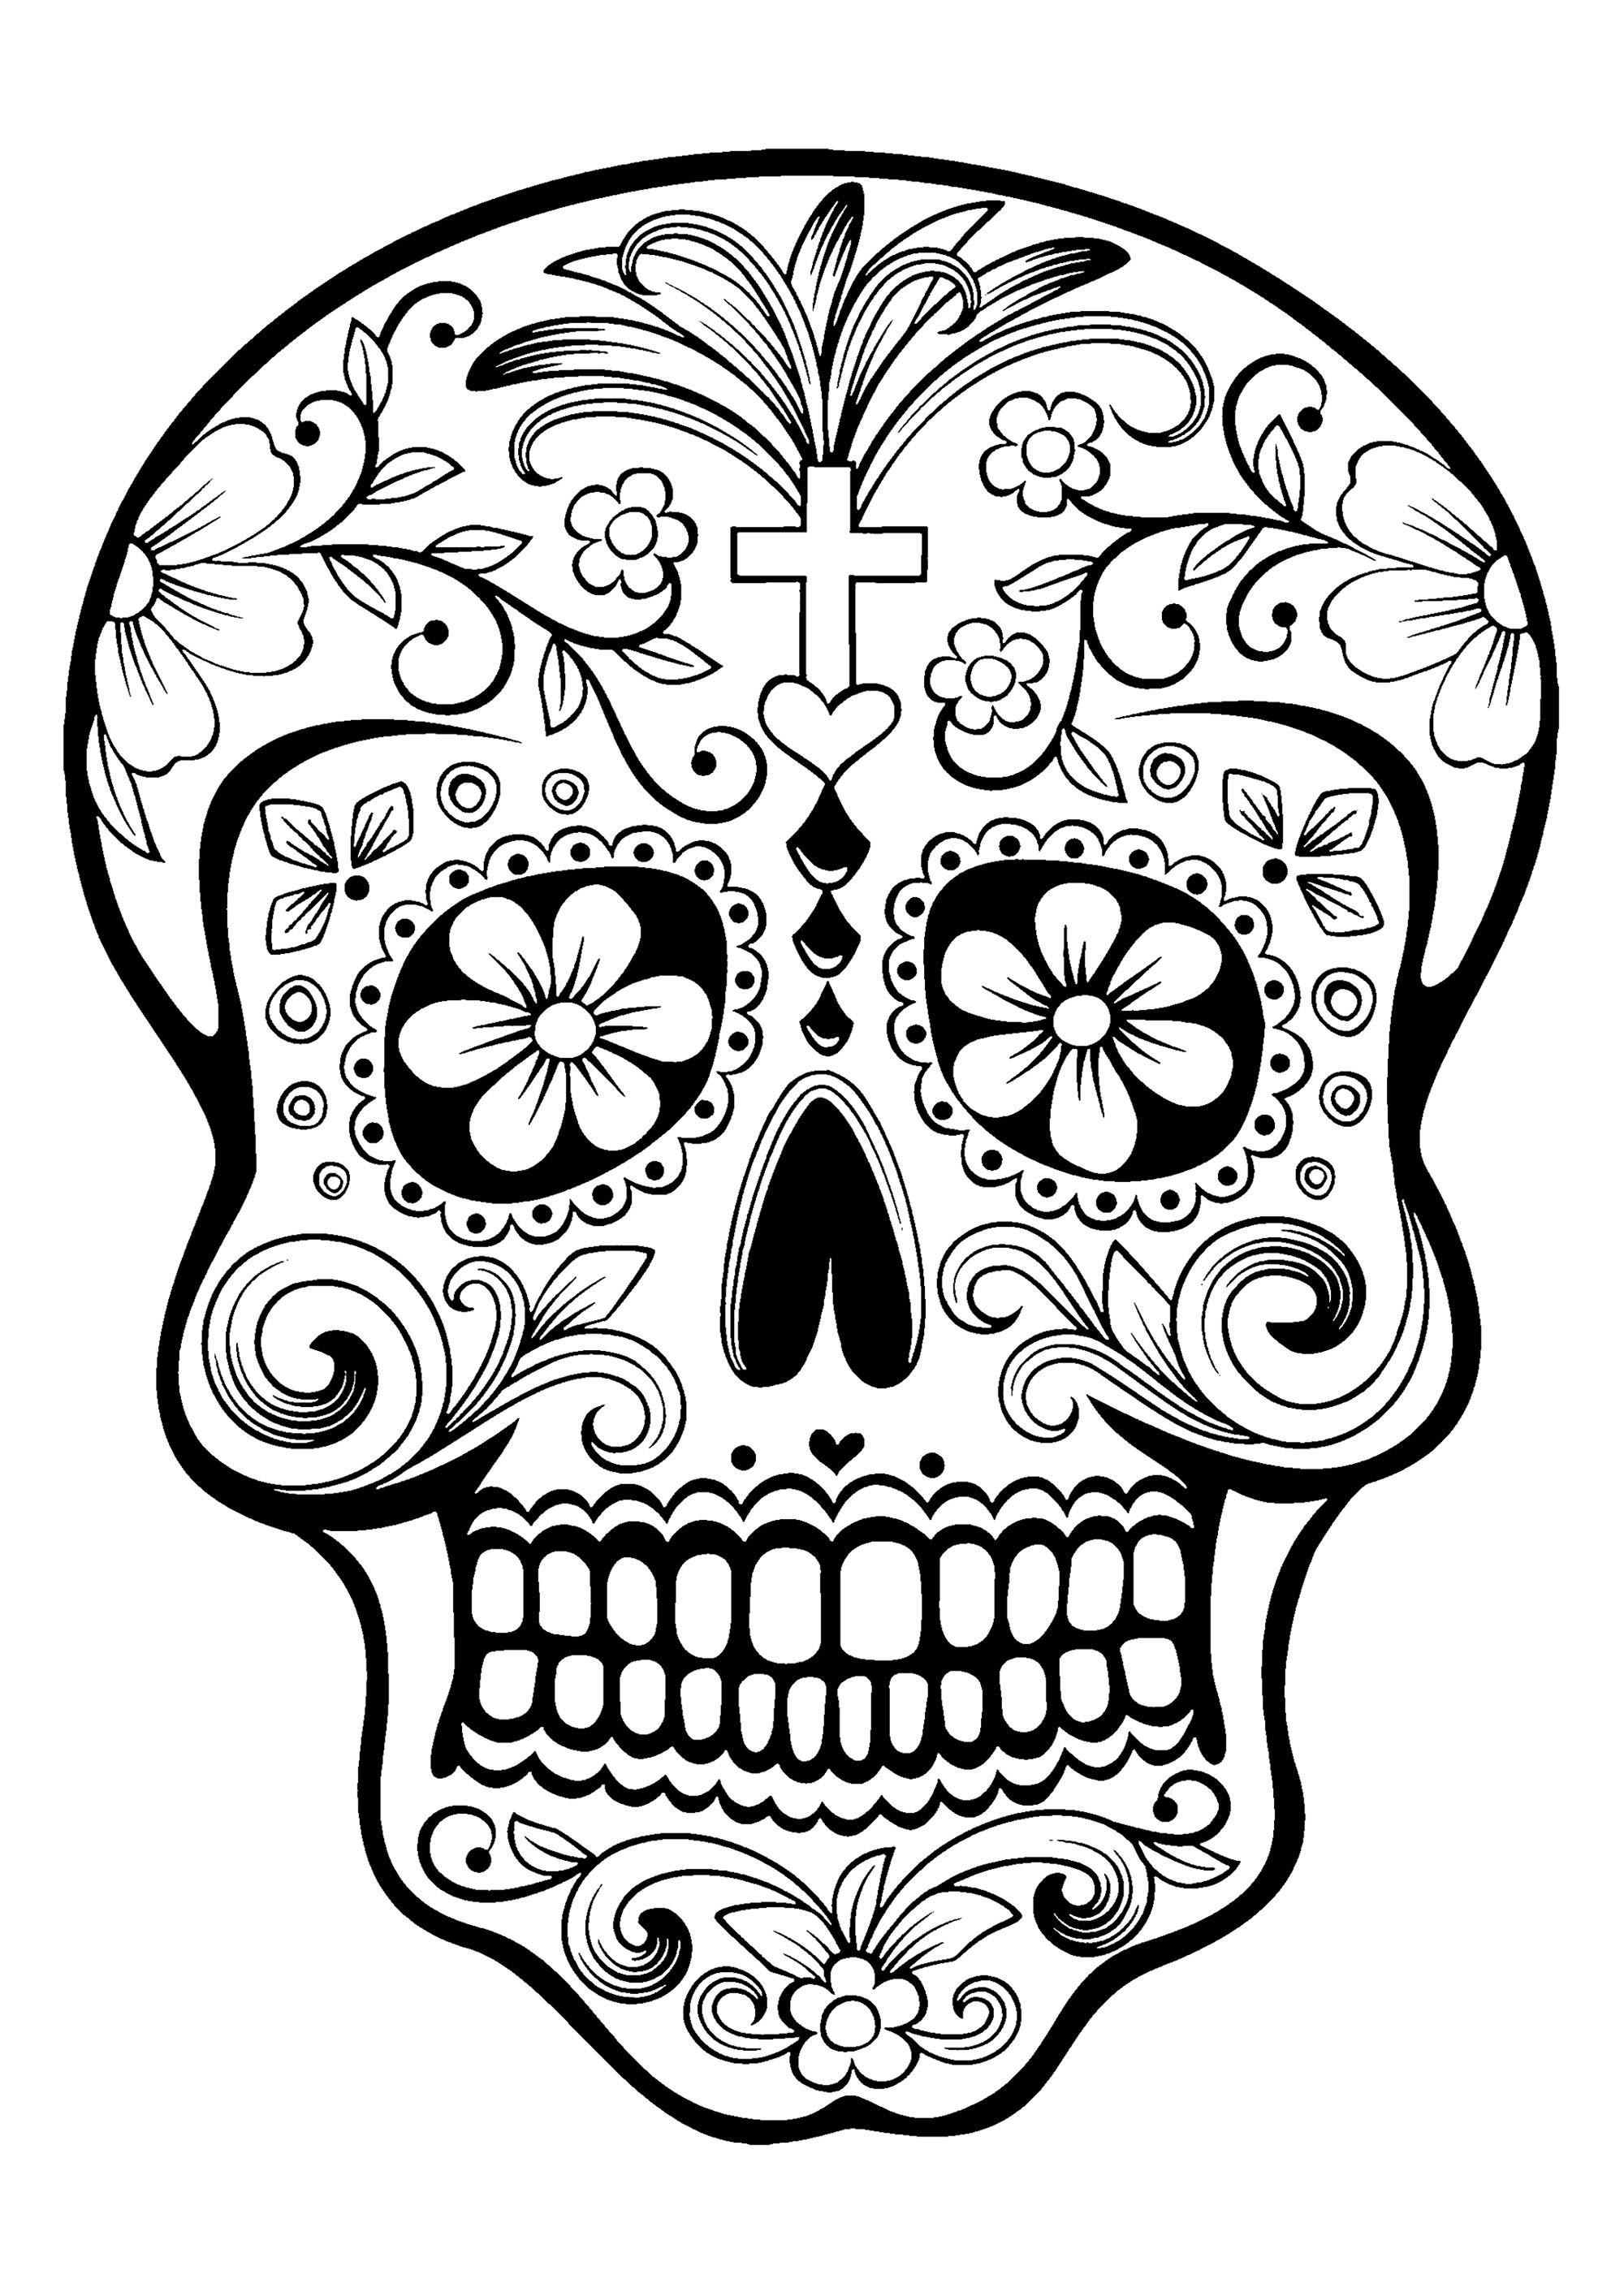 El Dia De Los Muertos Day Of The Dead Coloring Page